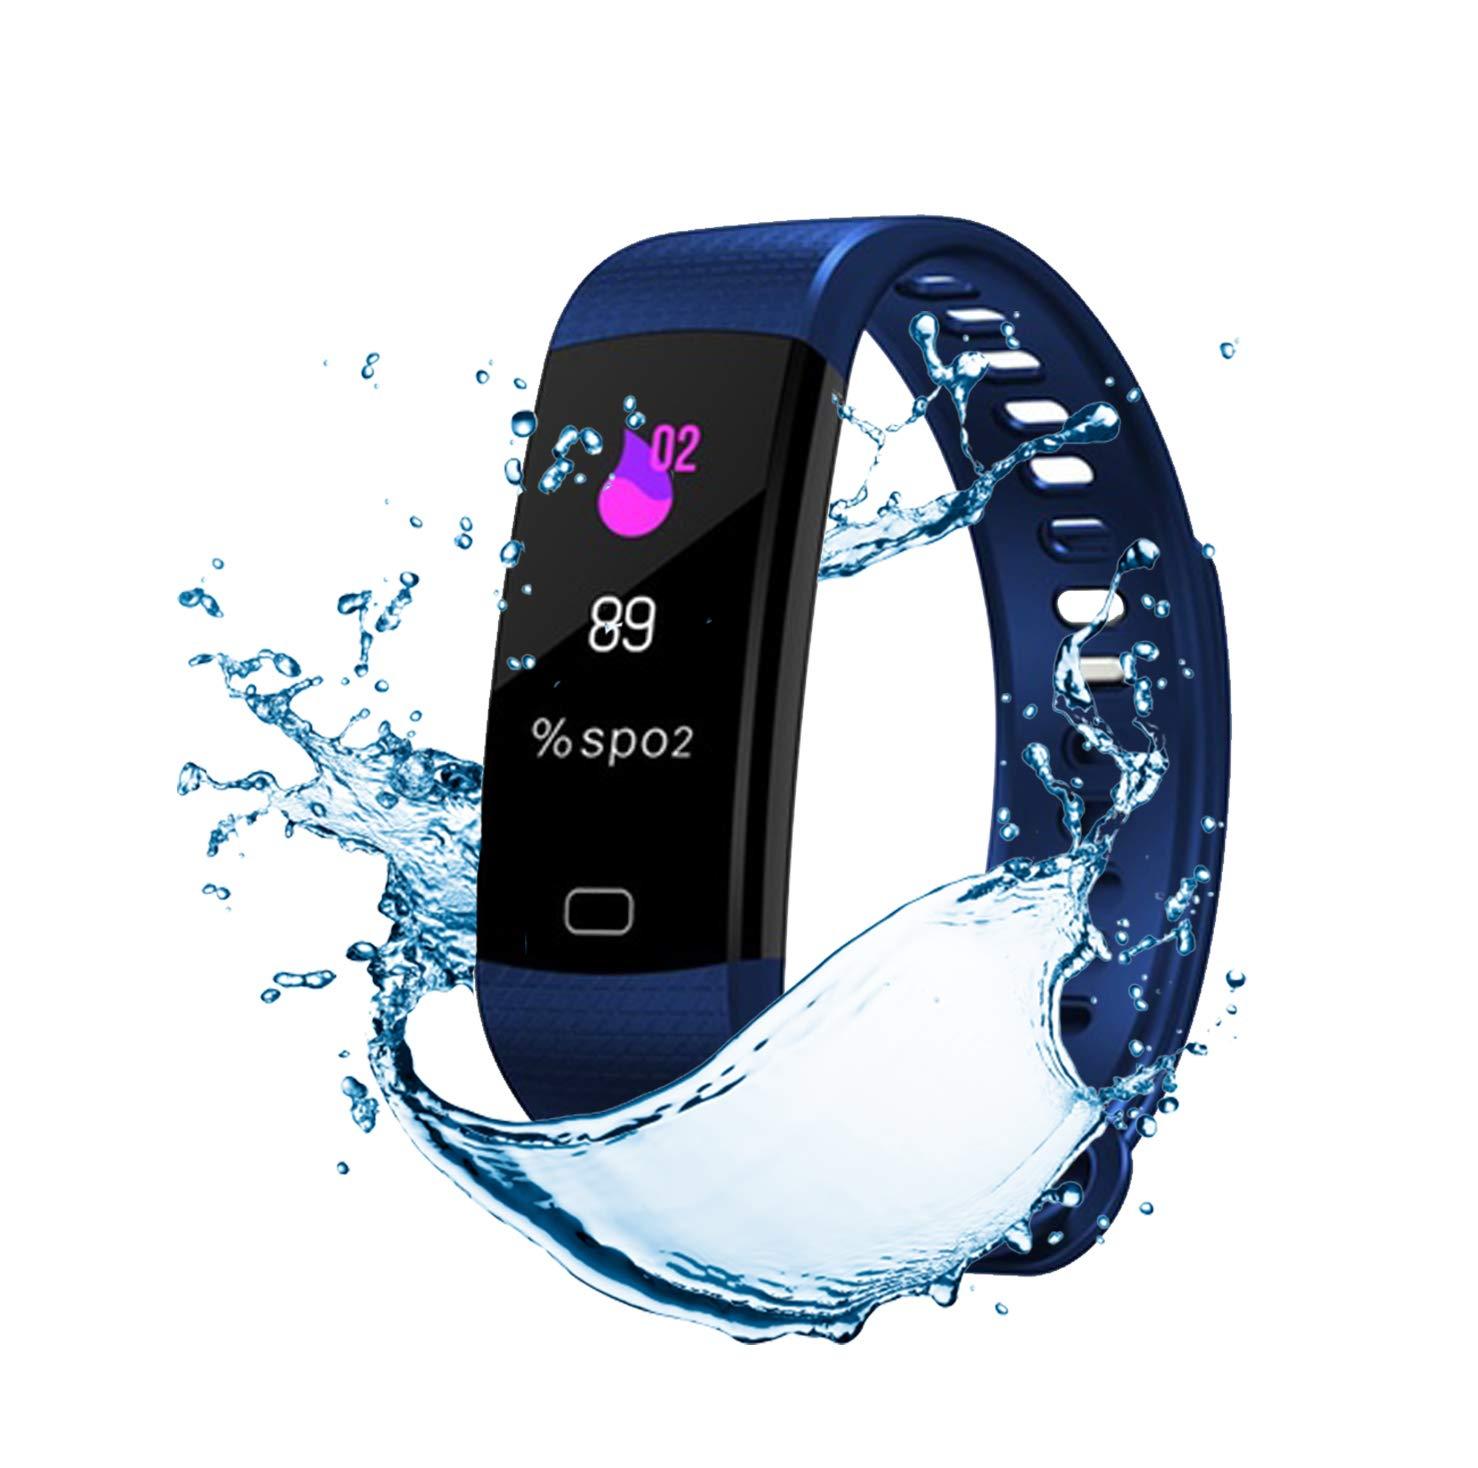 Pulsera de Actividad Inteligente FitBand cRadia con pantalla táctil, pulsómetro láser, monitor de Frecuencia Cardíaca HR, Podómetro, resistente al agua con protección IP67, contador de pasos y monitor de Sueño para Android y iPhone 7